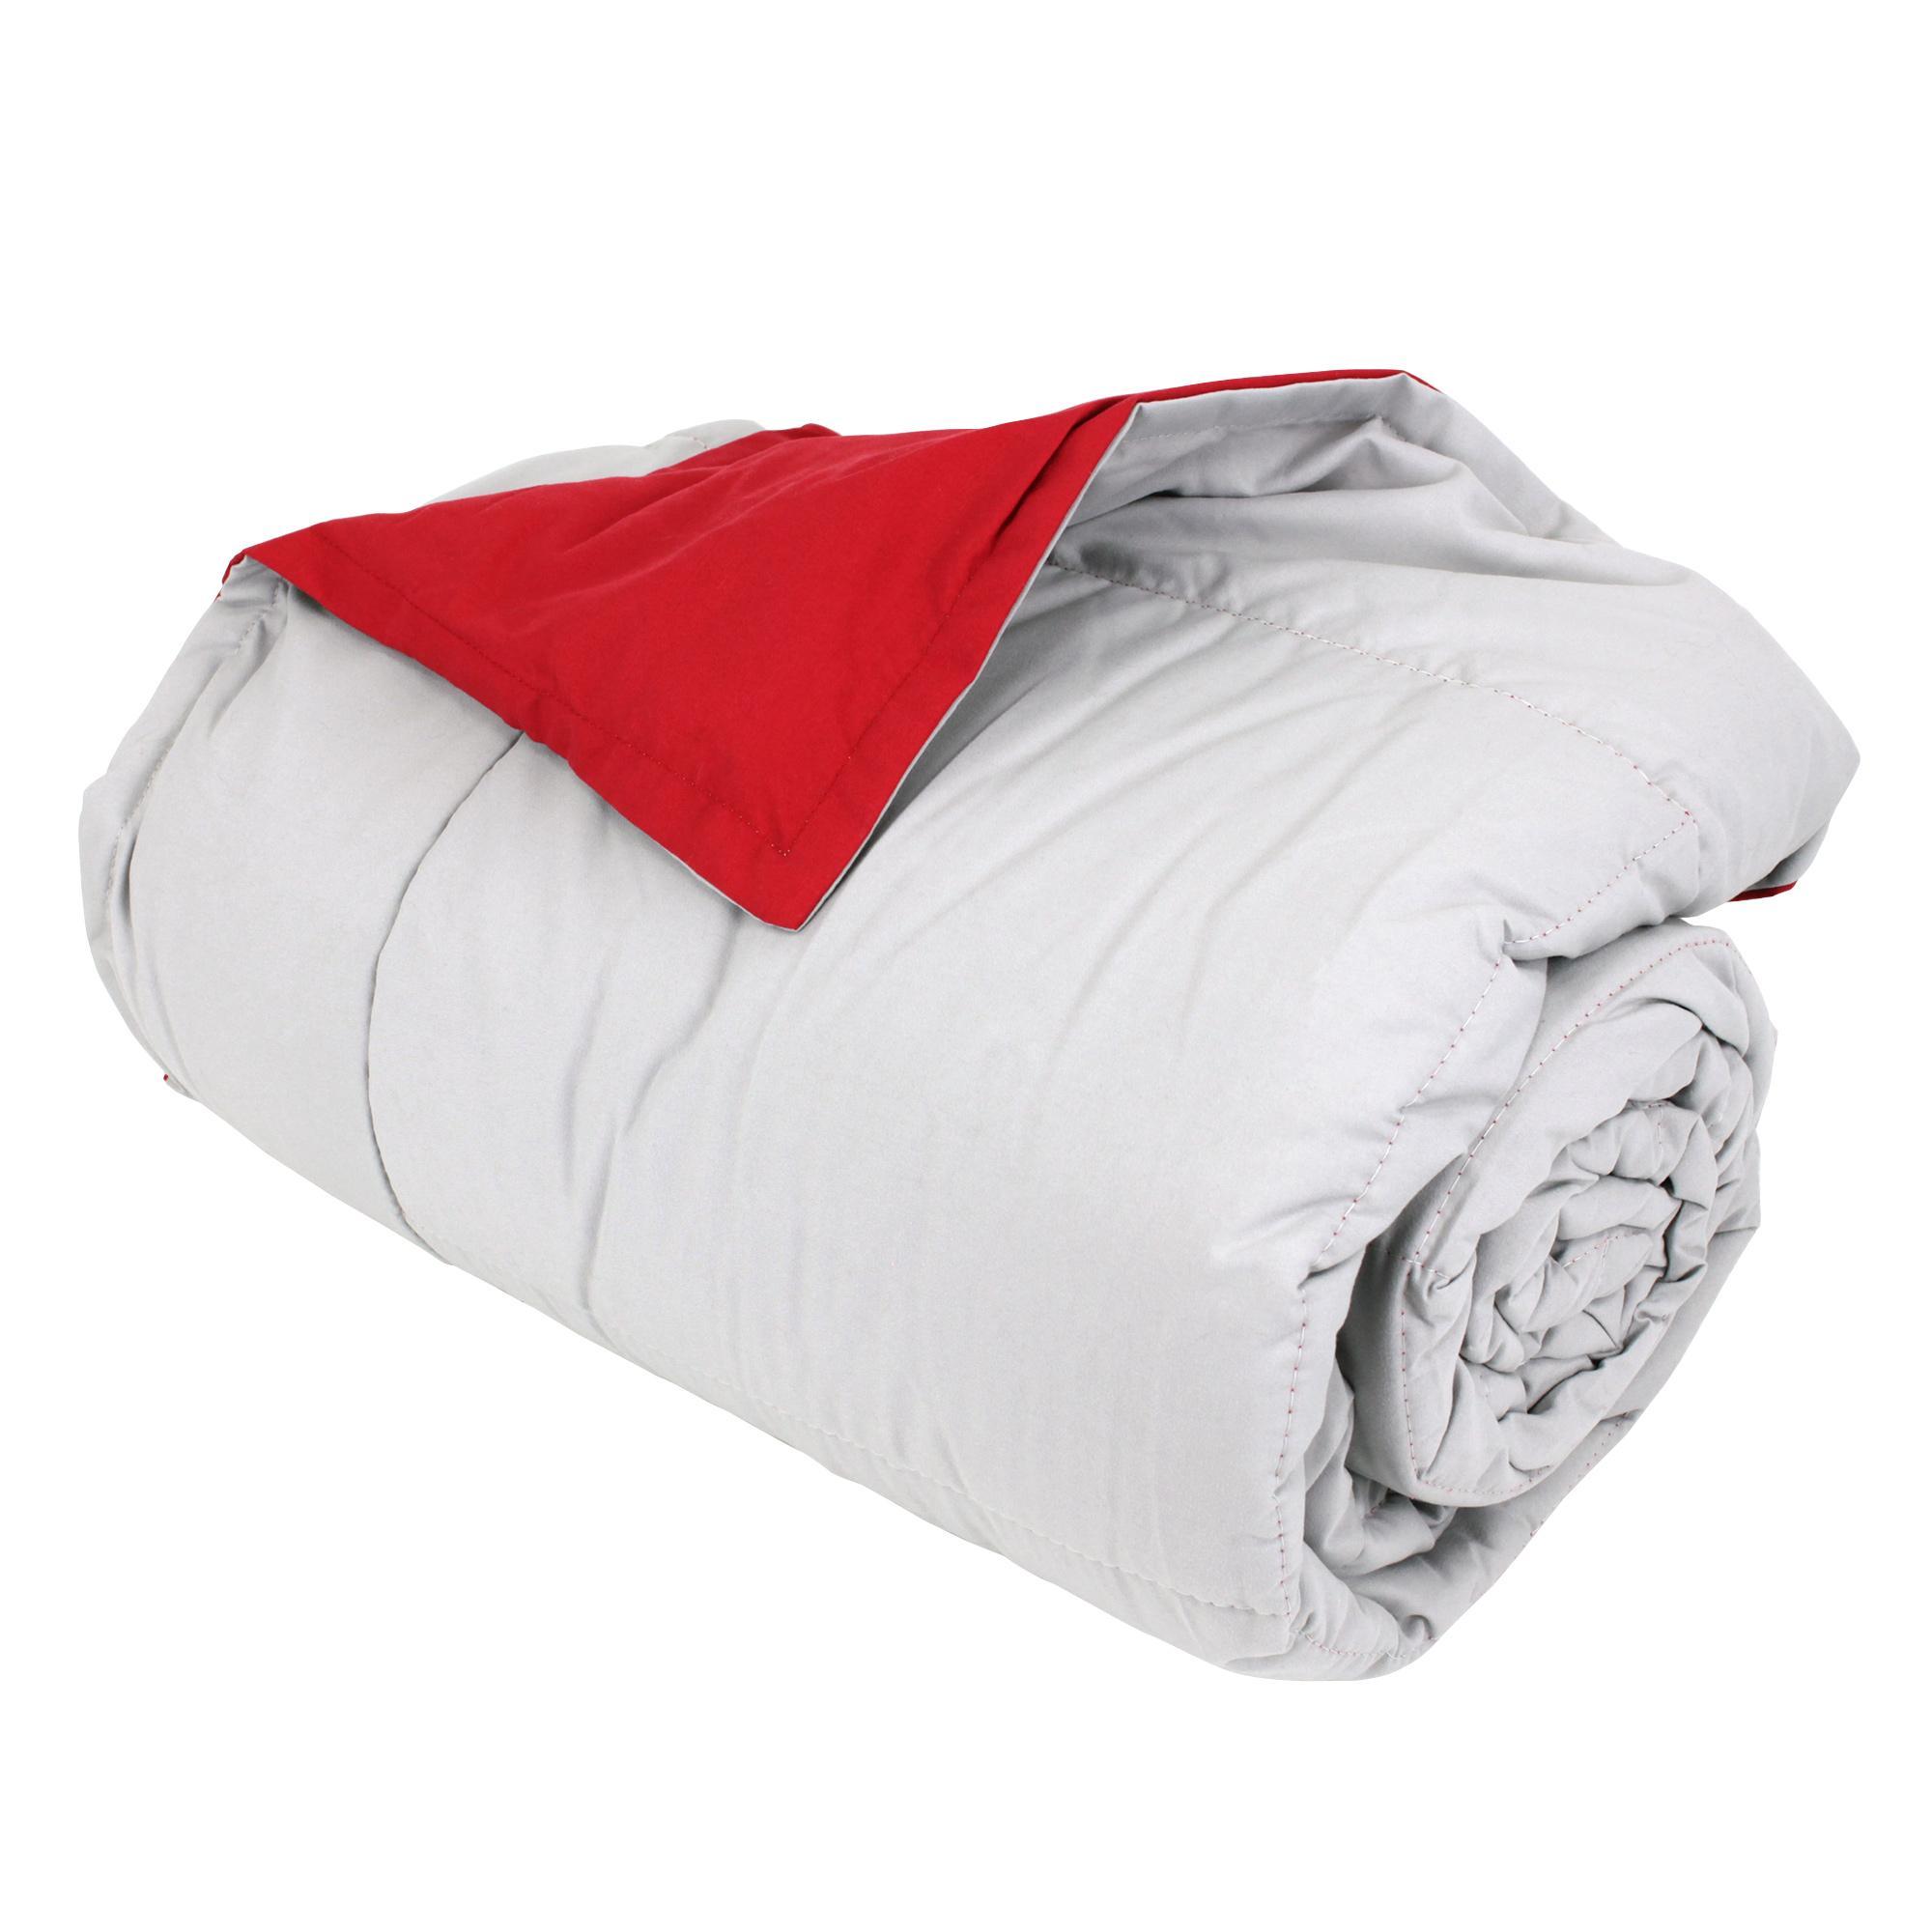 dessus de lit bicolore frisbee 240x260 cm perle groseille linnea linge de maison et. Black Bedroom Furniture Sets. Home Design Ideas